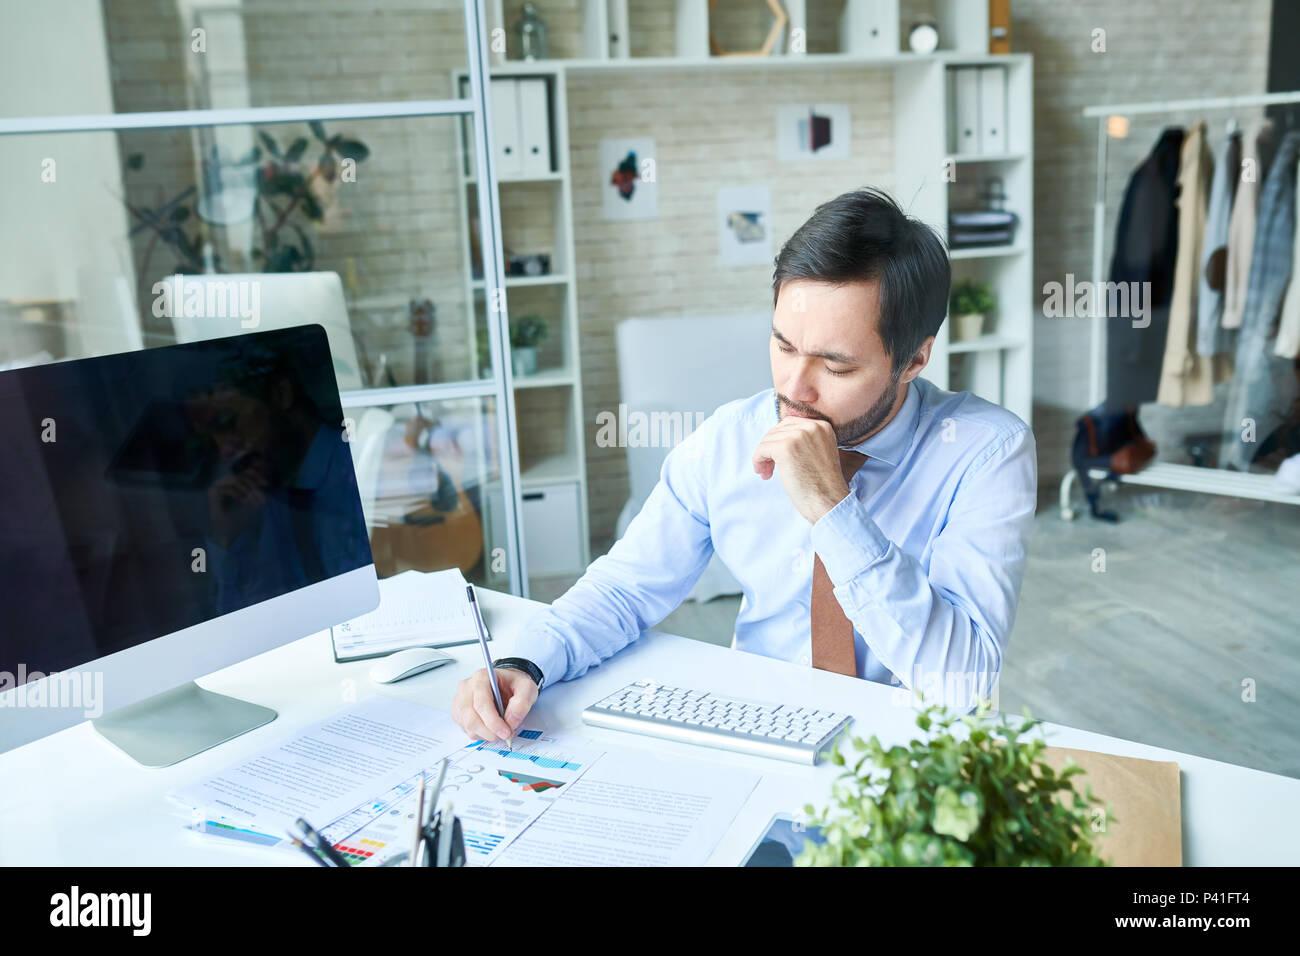 Riflessivo uomo che lavora in ufficio Immagini Stock